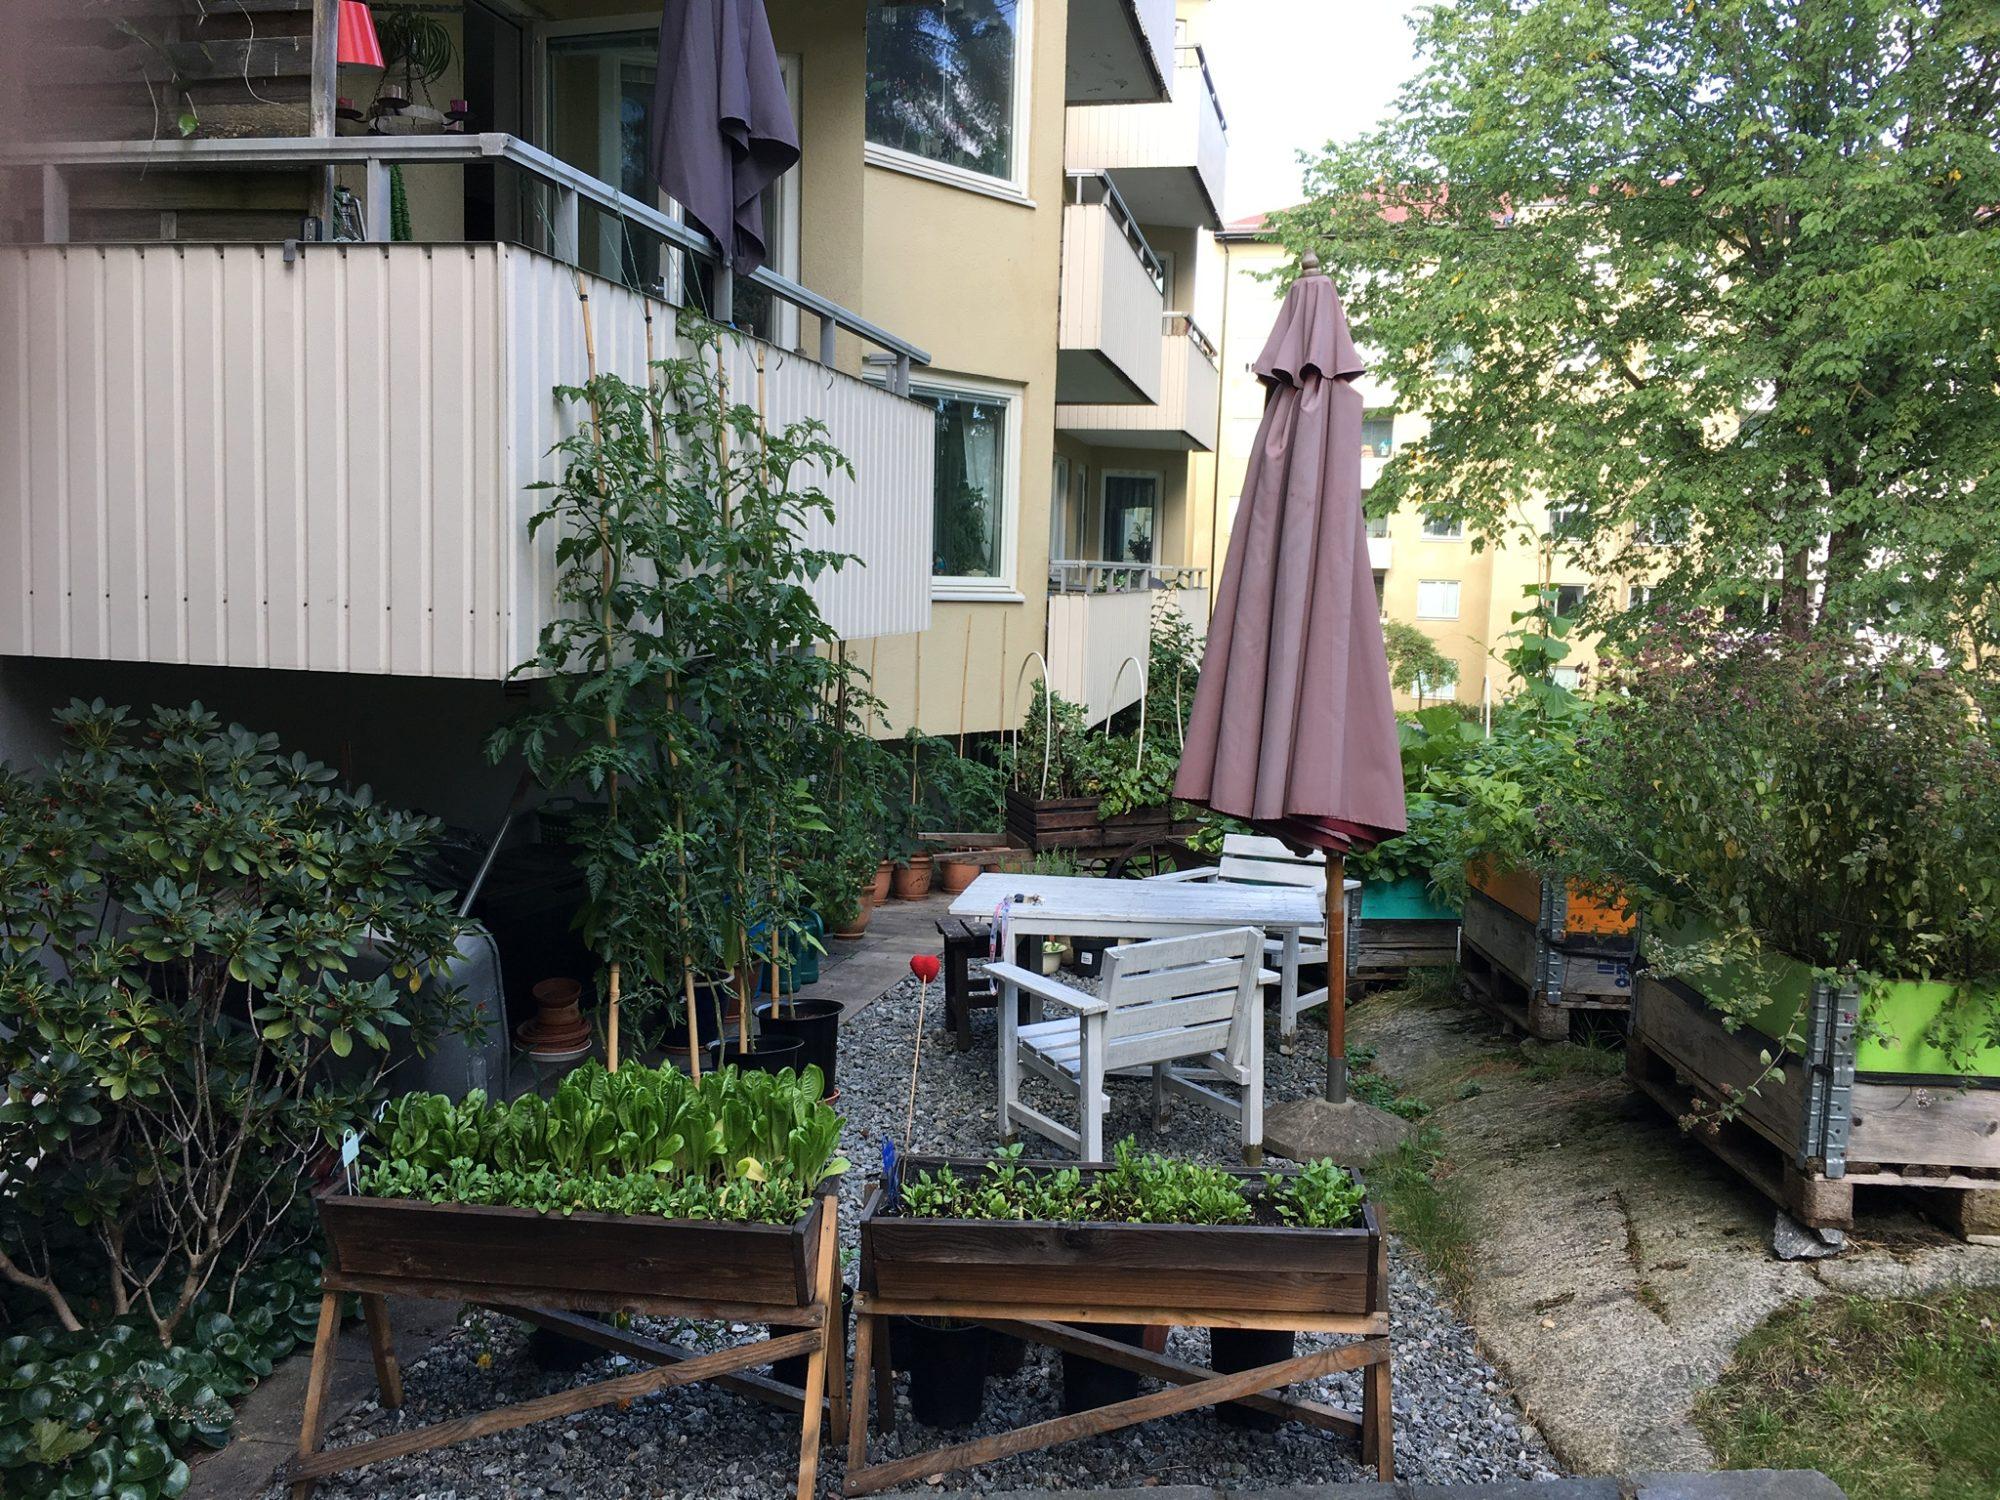 Åsali's odling